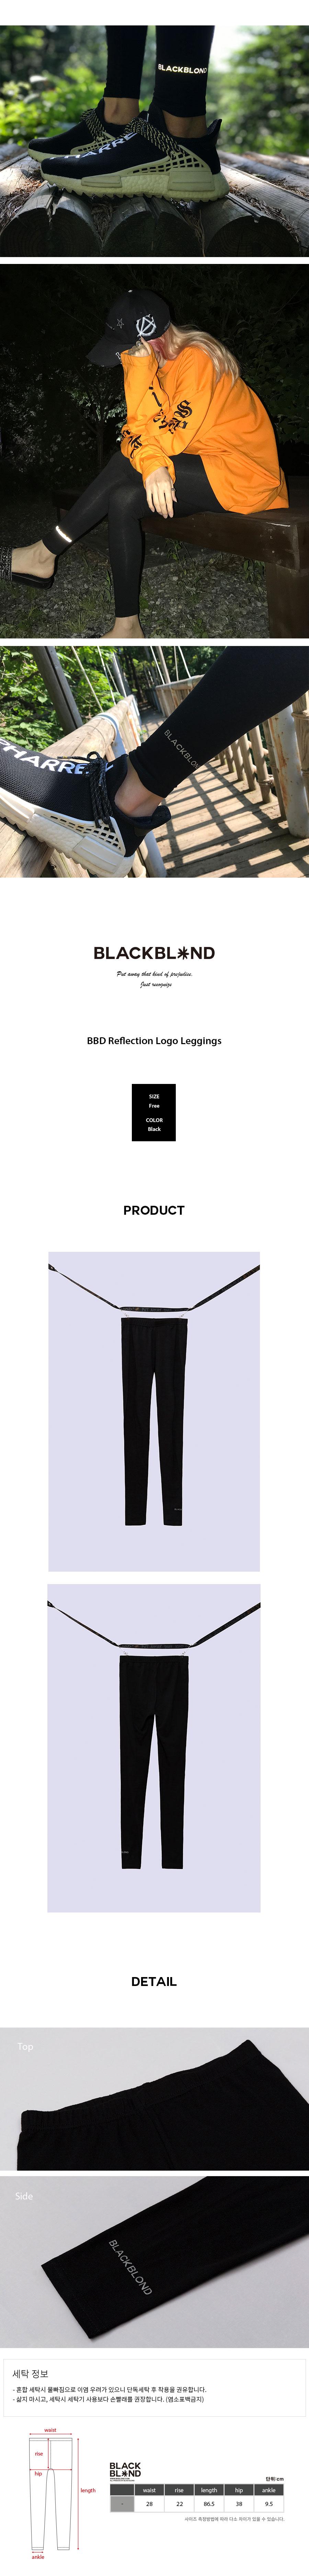 BBD-Reflection-Logo-Leggings-%28Black%29.jpg